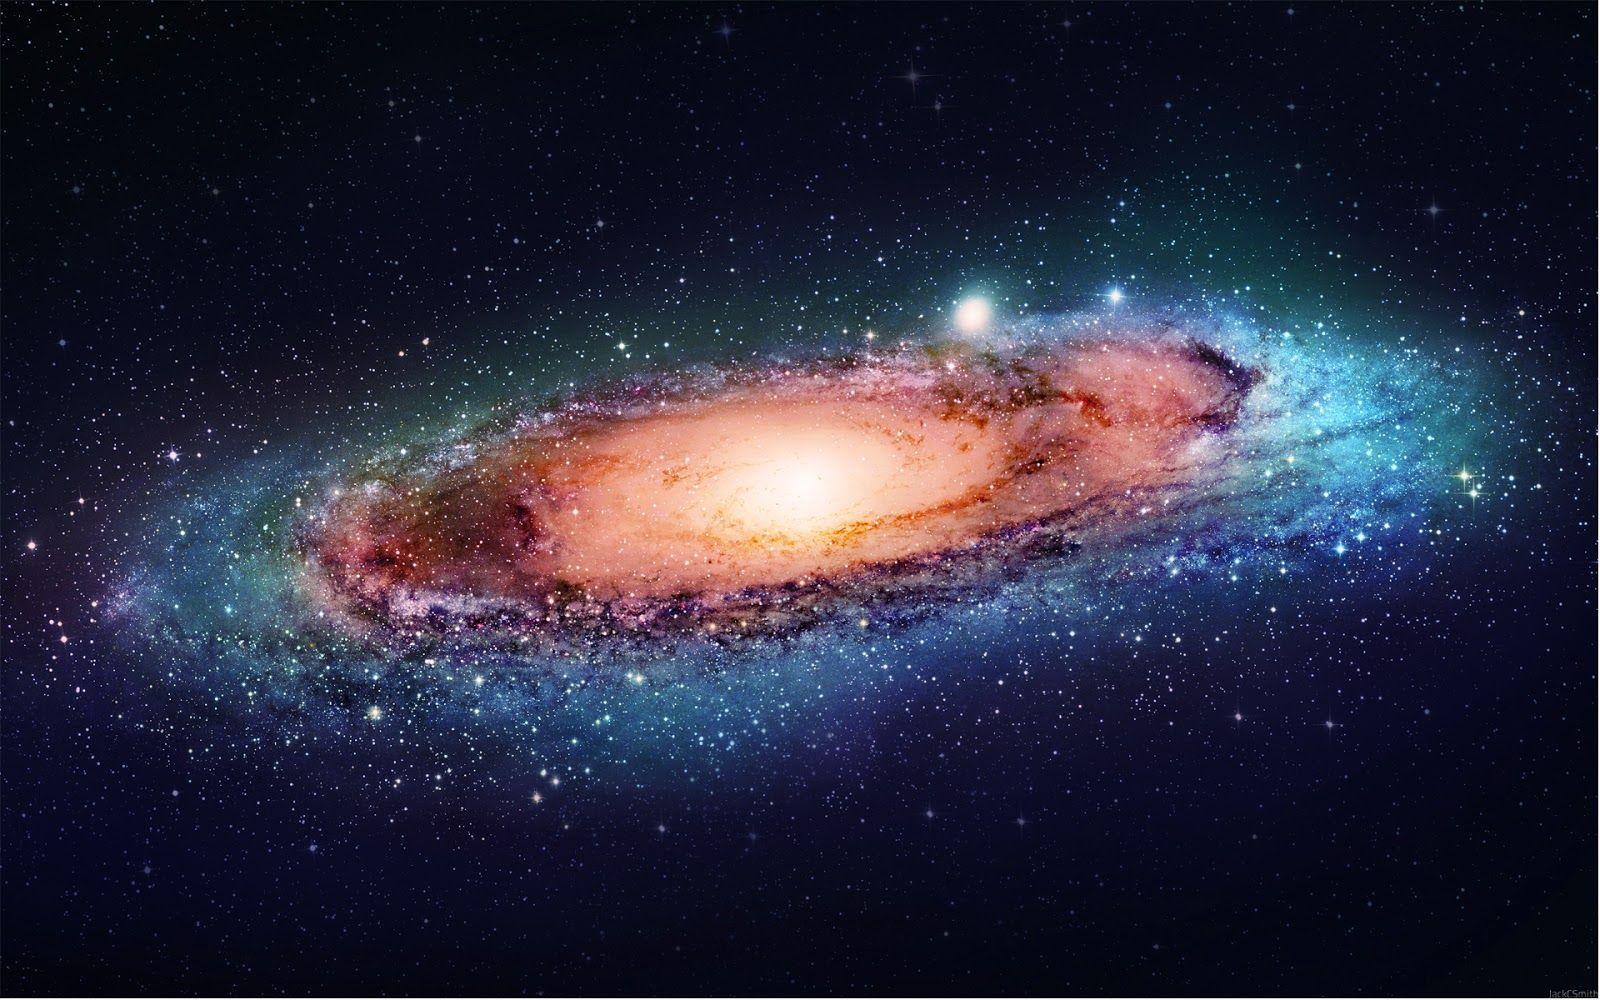 Unduh 100+ Gambar Galaksi Bima Sakti Hd Paling Baru Gratis